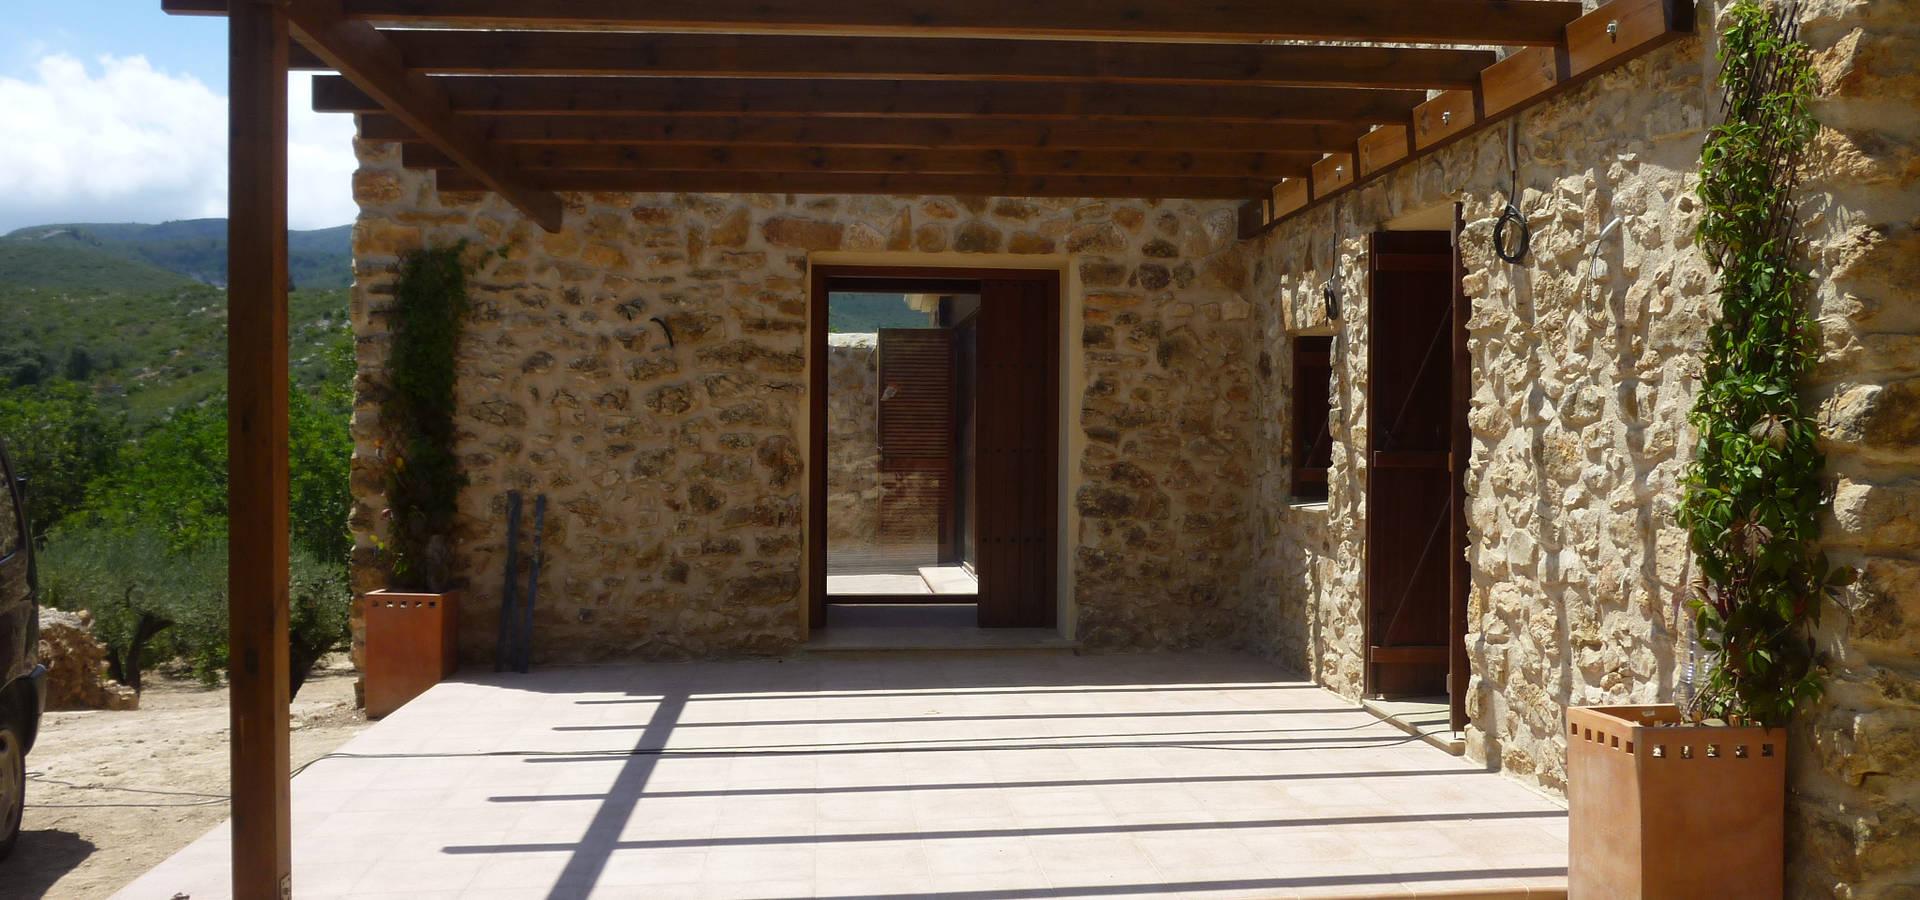 pep sala + rosa-mari portella arquitectura